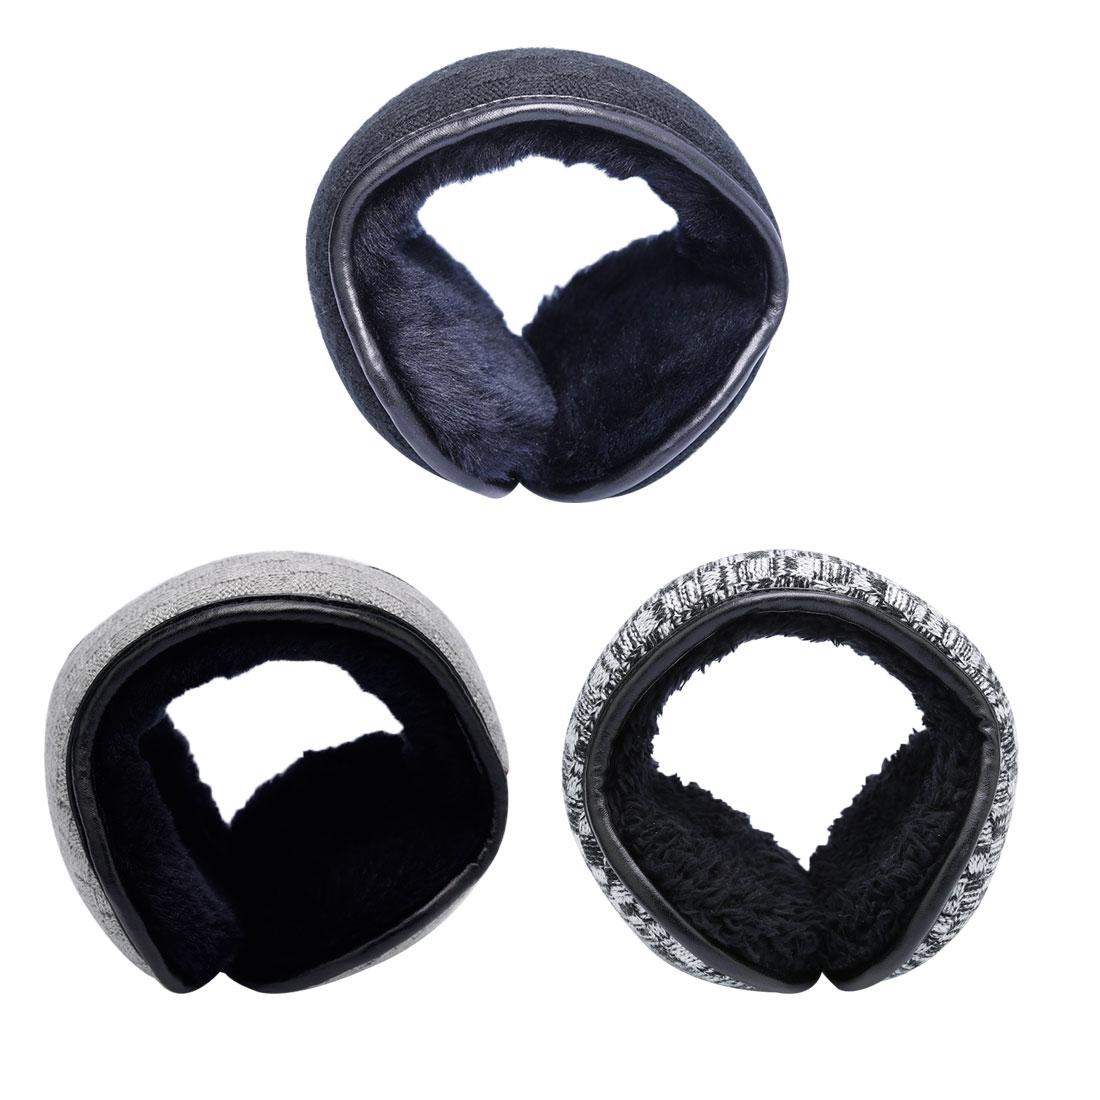 [해외]남성용 새로운 겨울 니트 귀고리 여성 접이식 귀머귀 귀고리 조절 식 따뜻한 인형 귀마개 귀고리 착용/New Winter Knitted Earmuffs For Men Women Foldable Ear Warmers Ear Bag Adjustable Warm Plu